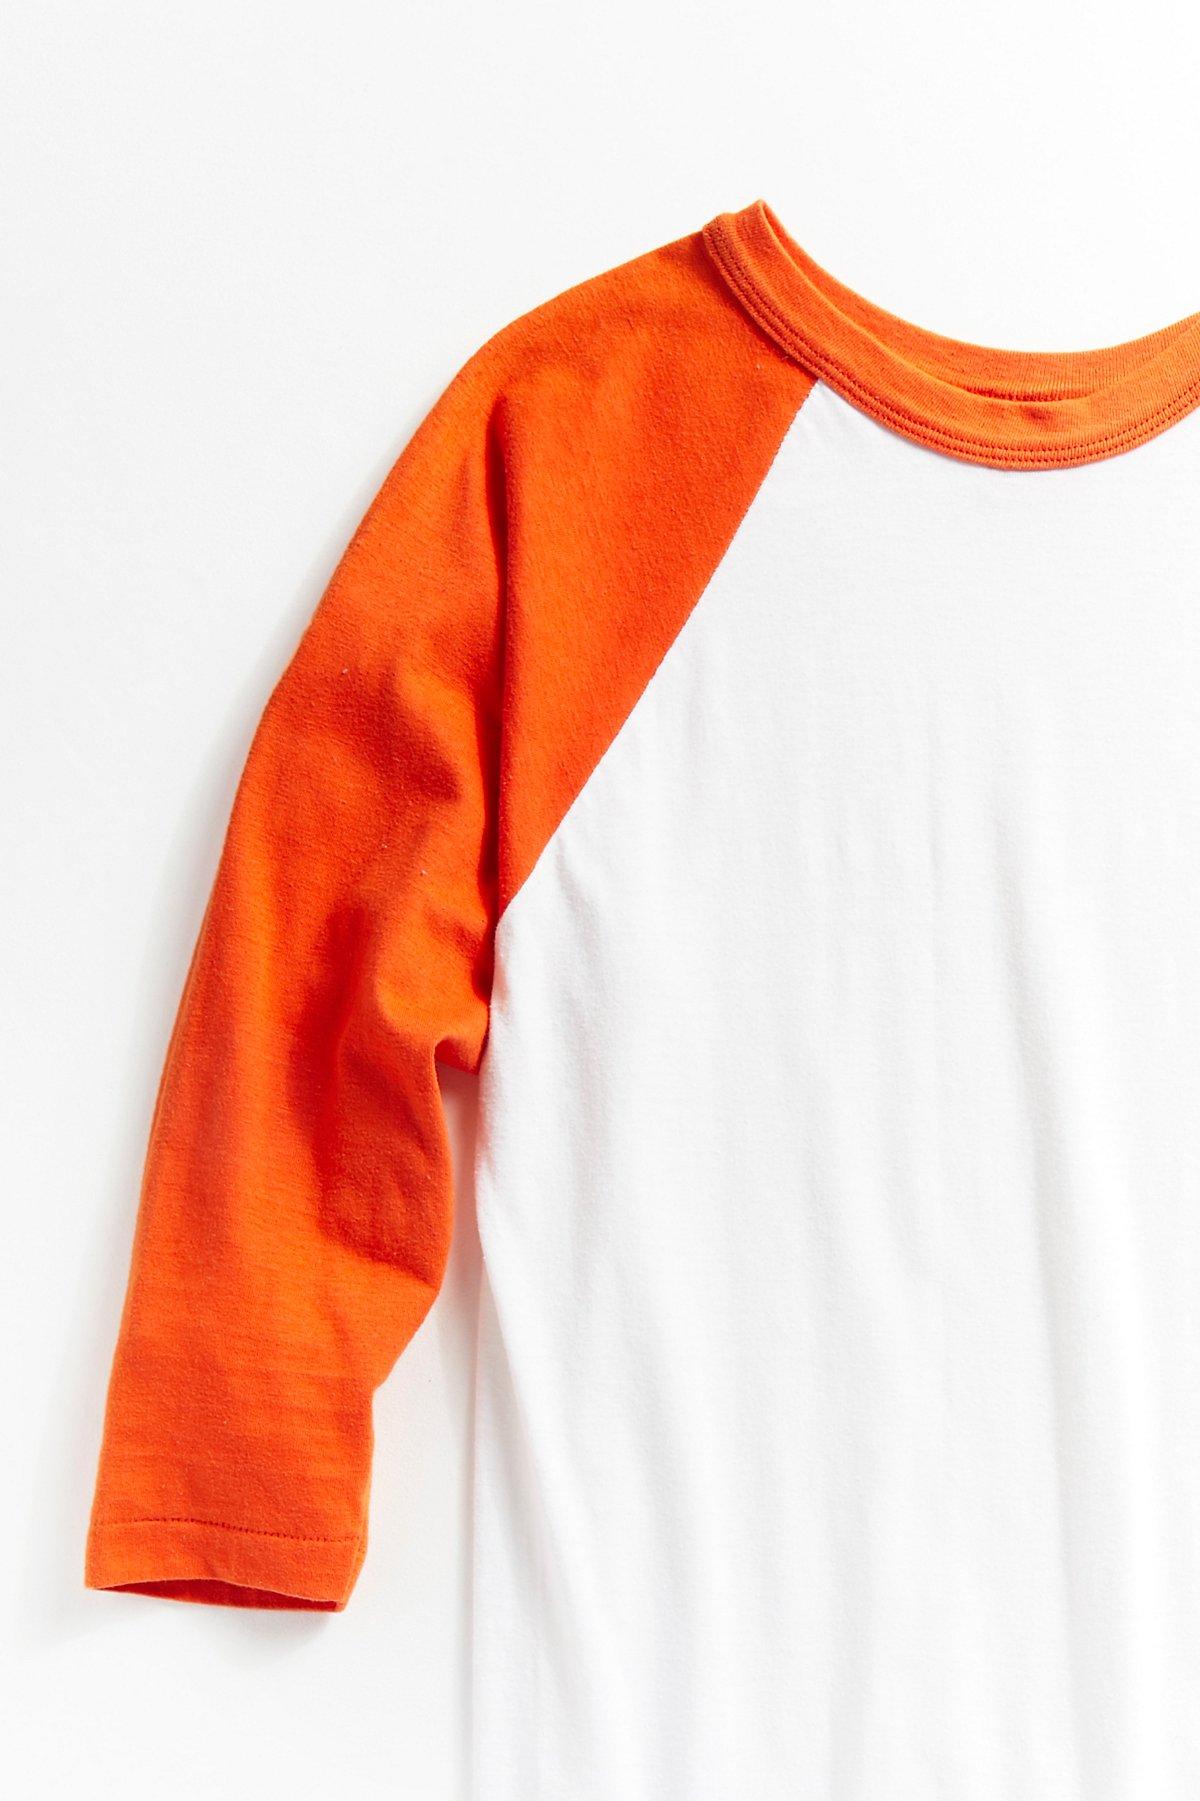 Vintage 1970s Orange Raglan